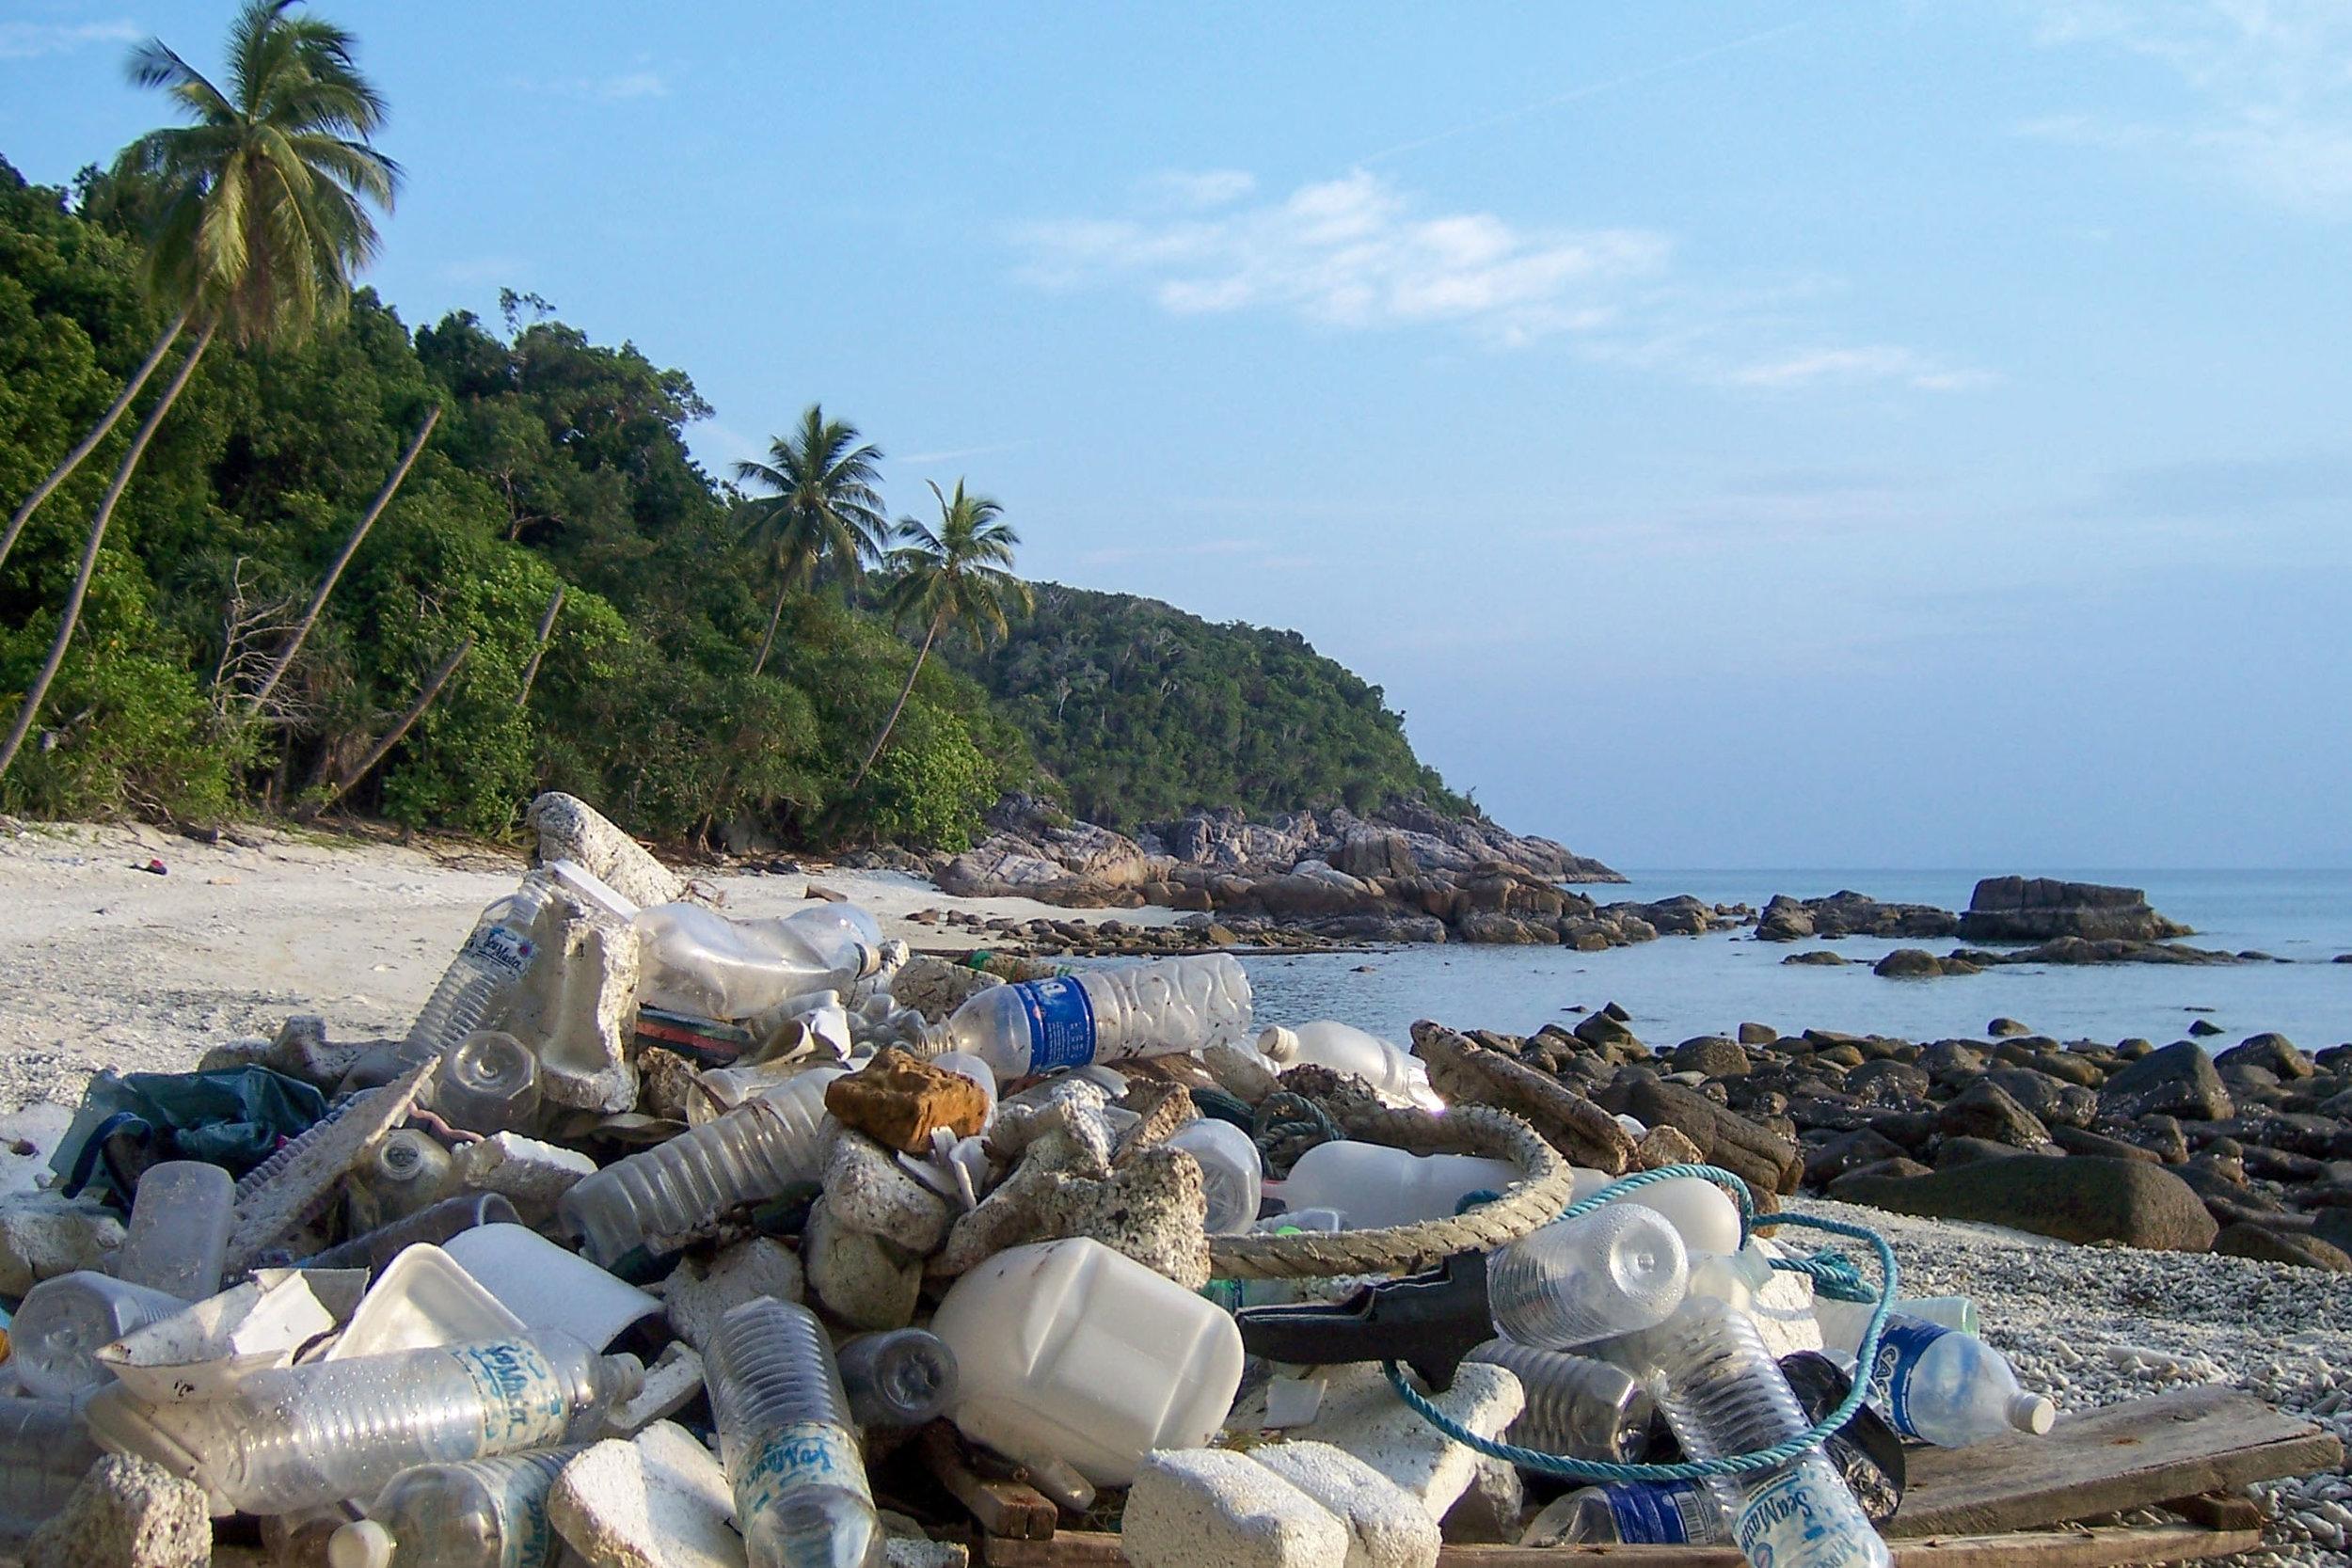 Bali And Gili Islands Paradise Tainted By Trash The Wayward Post